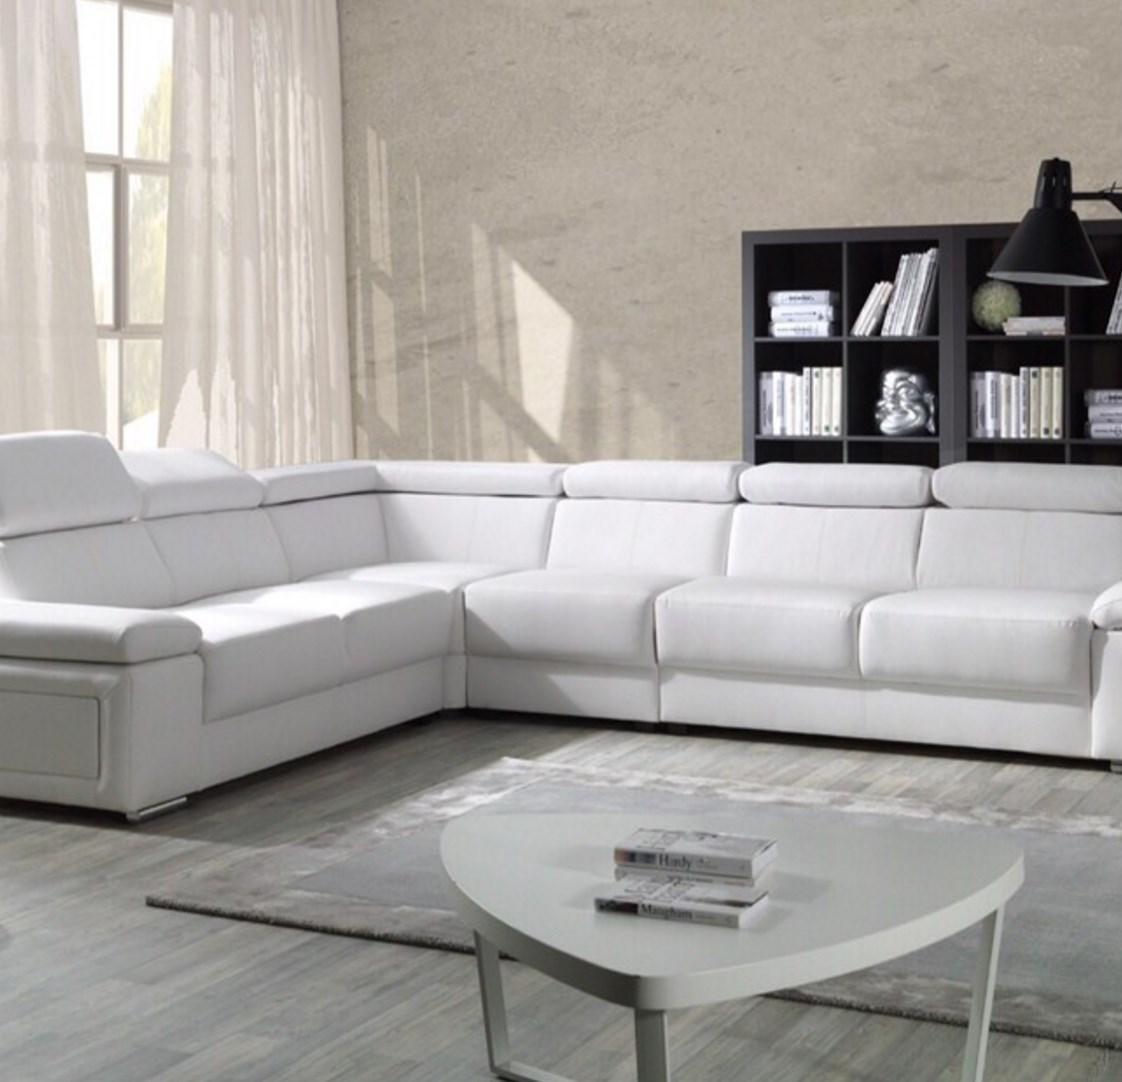 Jusqu'à 60% de réduction en destockage - Ex : Canapé d'angle design Lorca en PU - Blanc